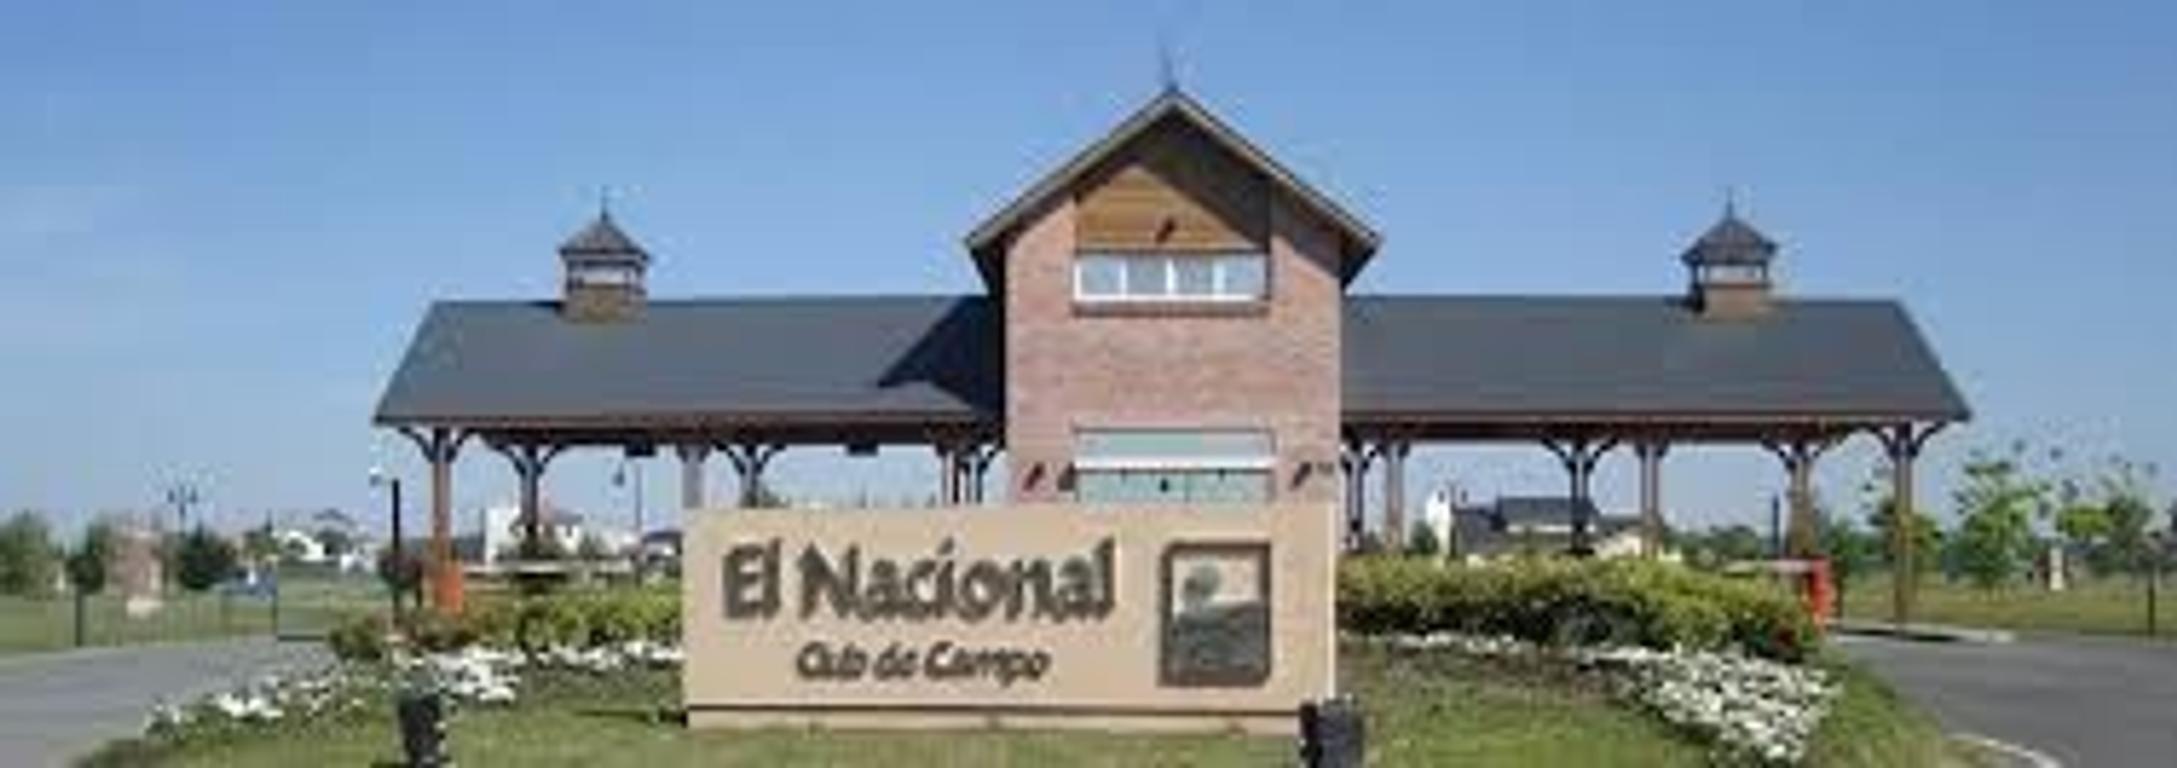 """Excelente terreno de 1150 m2 en el Club de Campo """"El Nacional"""" en el Partido de General Rodriguez"""